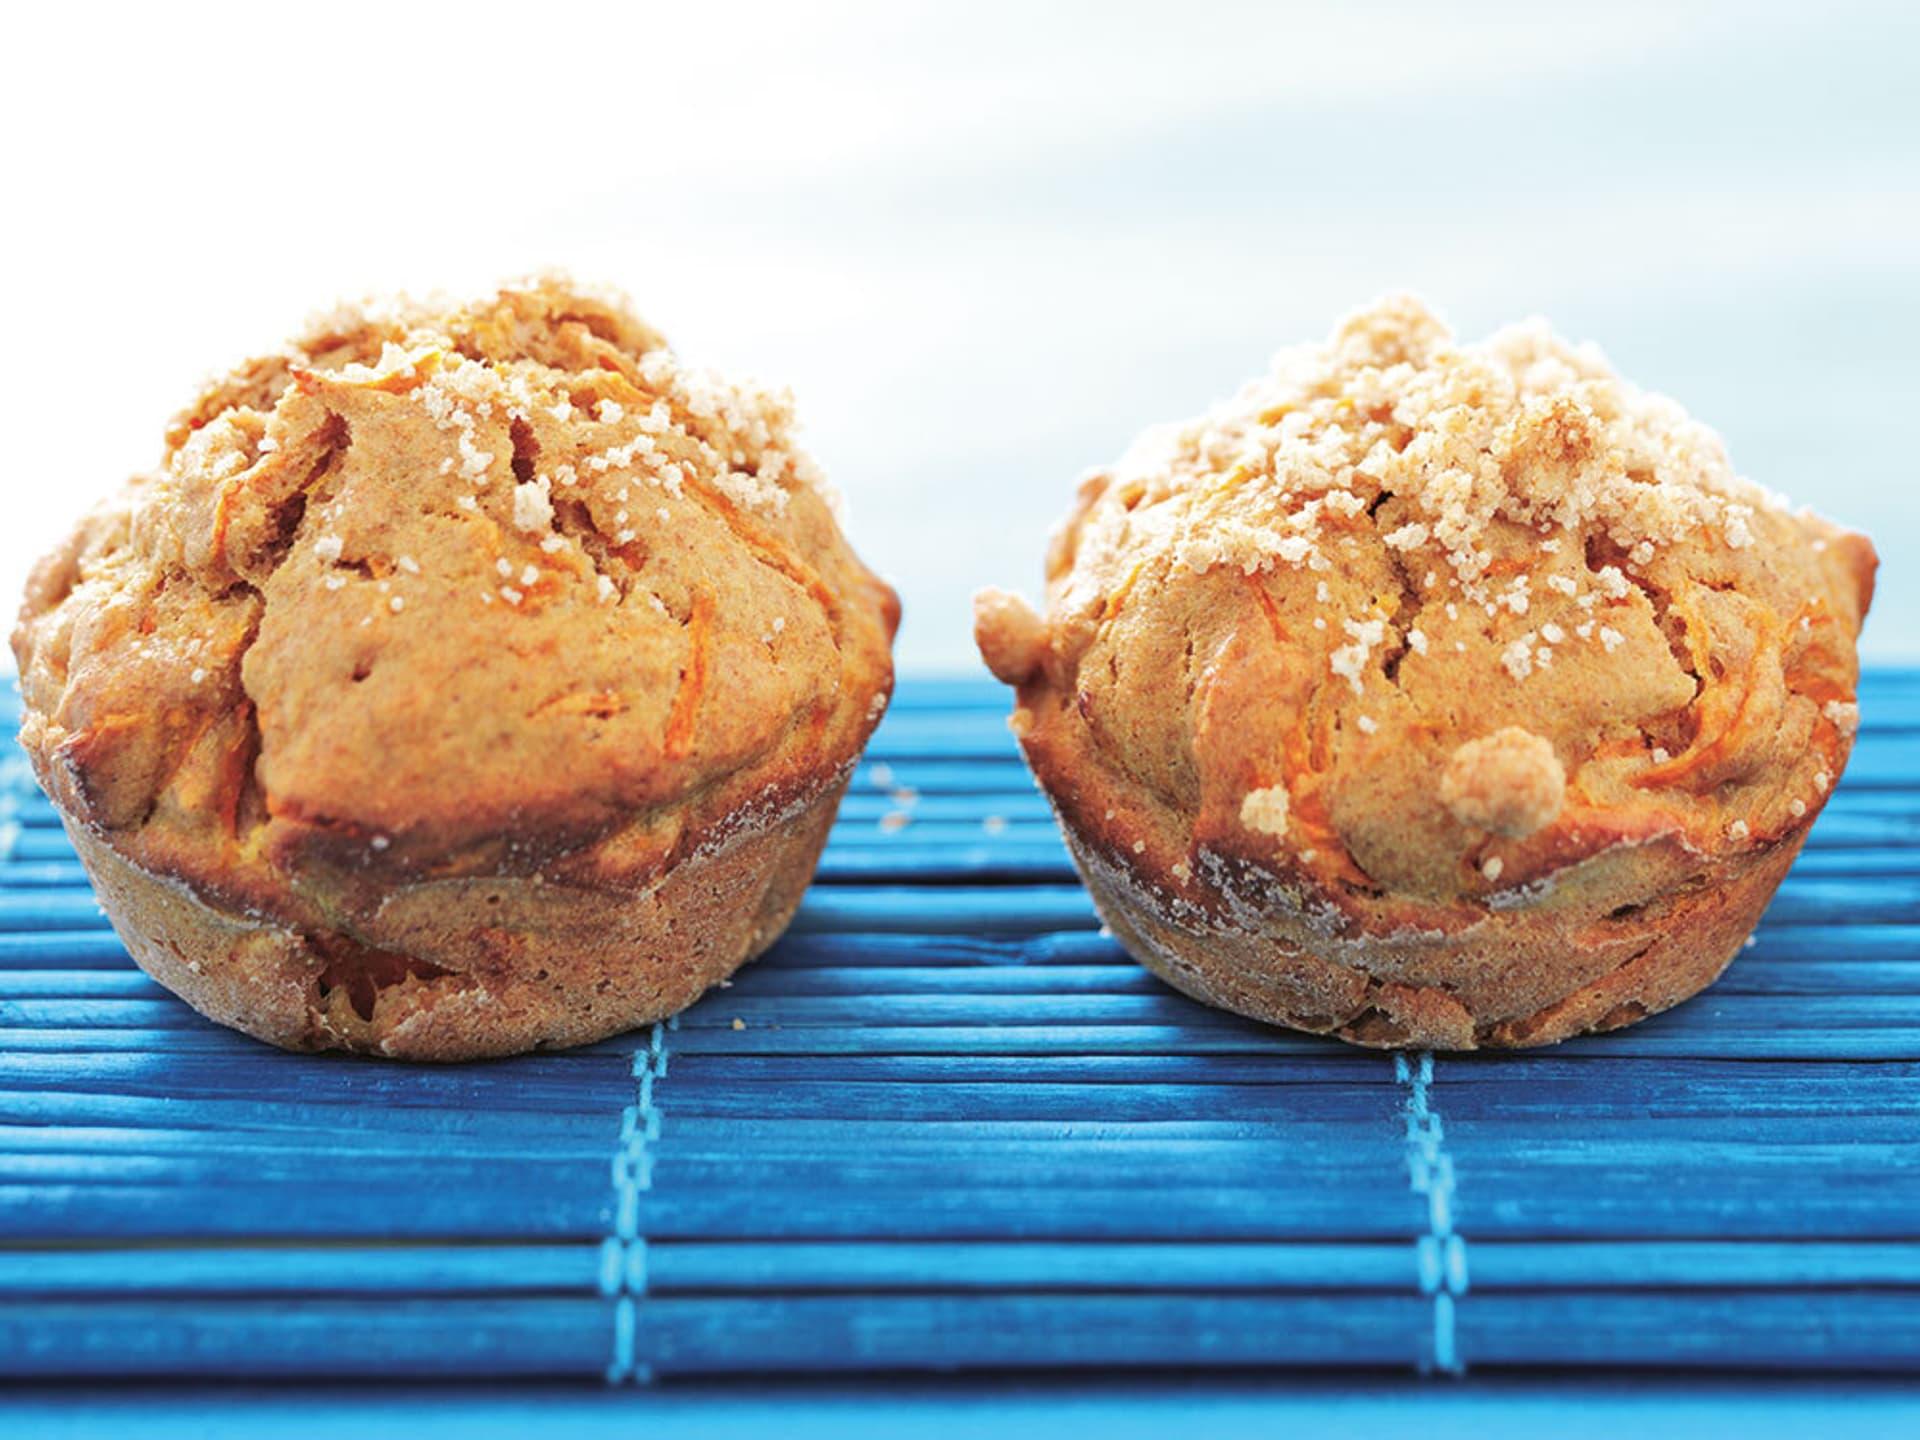 Zwei Muffins mit roten Streifen